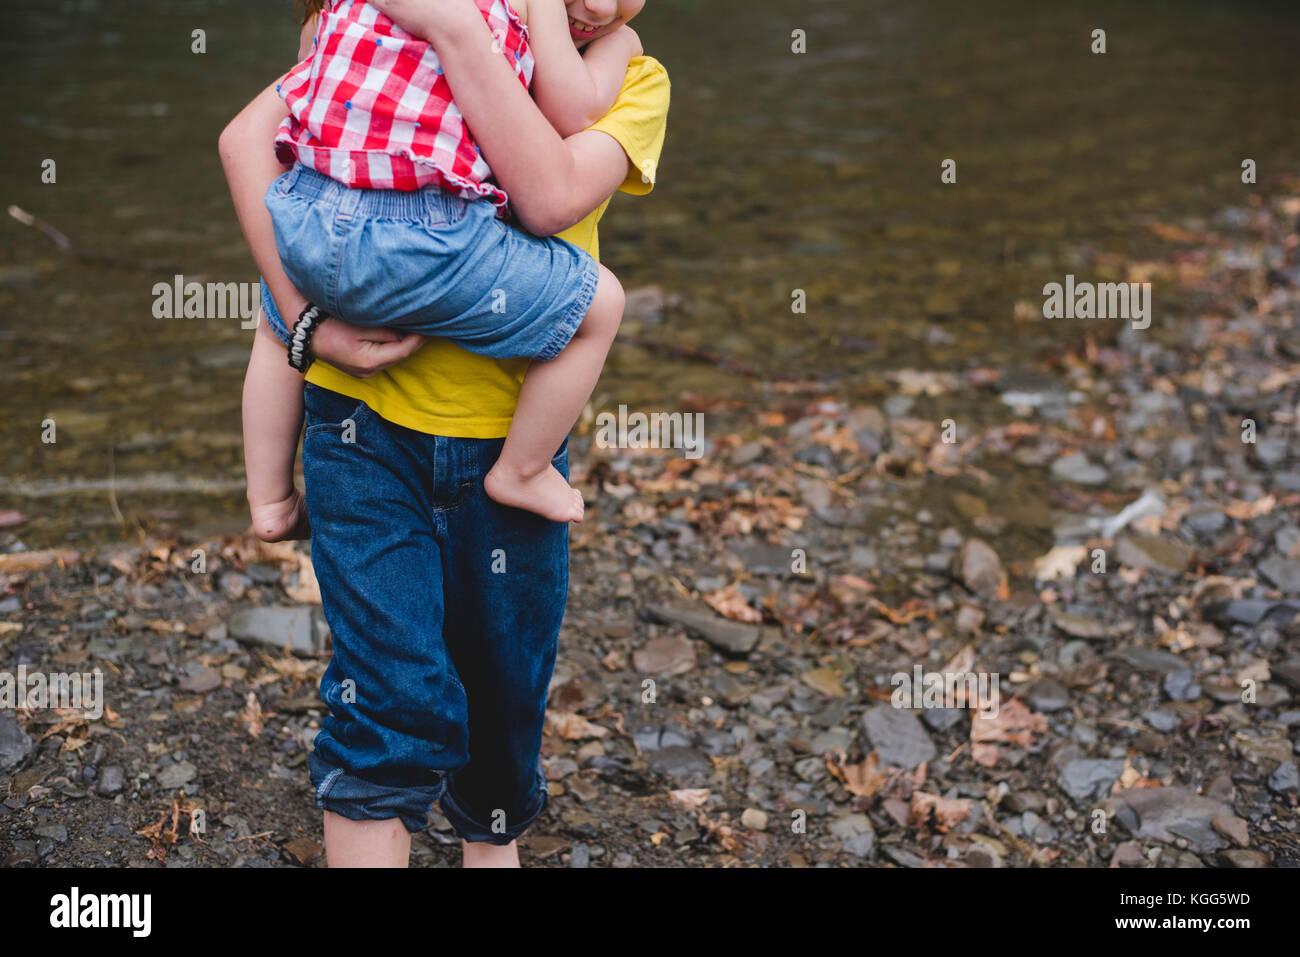 Un garçon porte un enfant dans ses bras Photo Stock